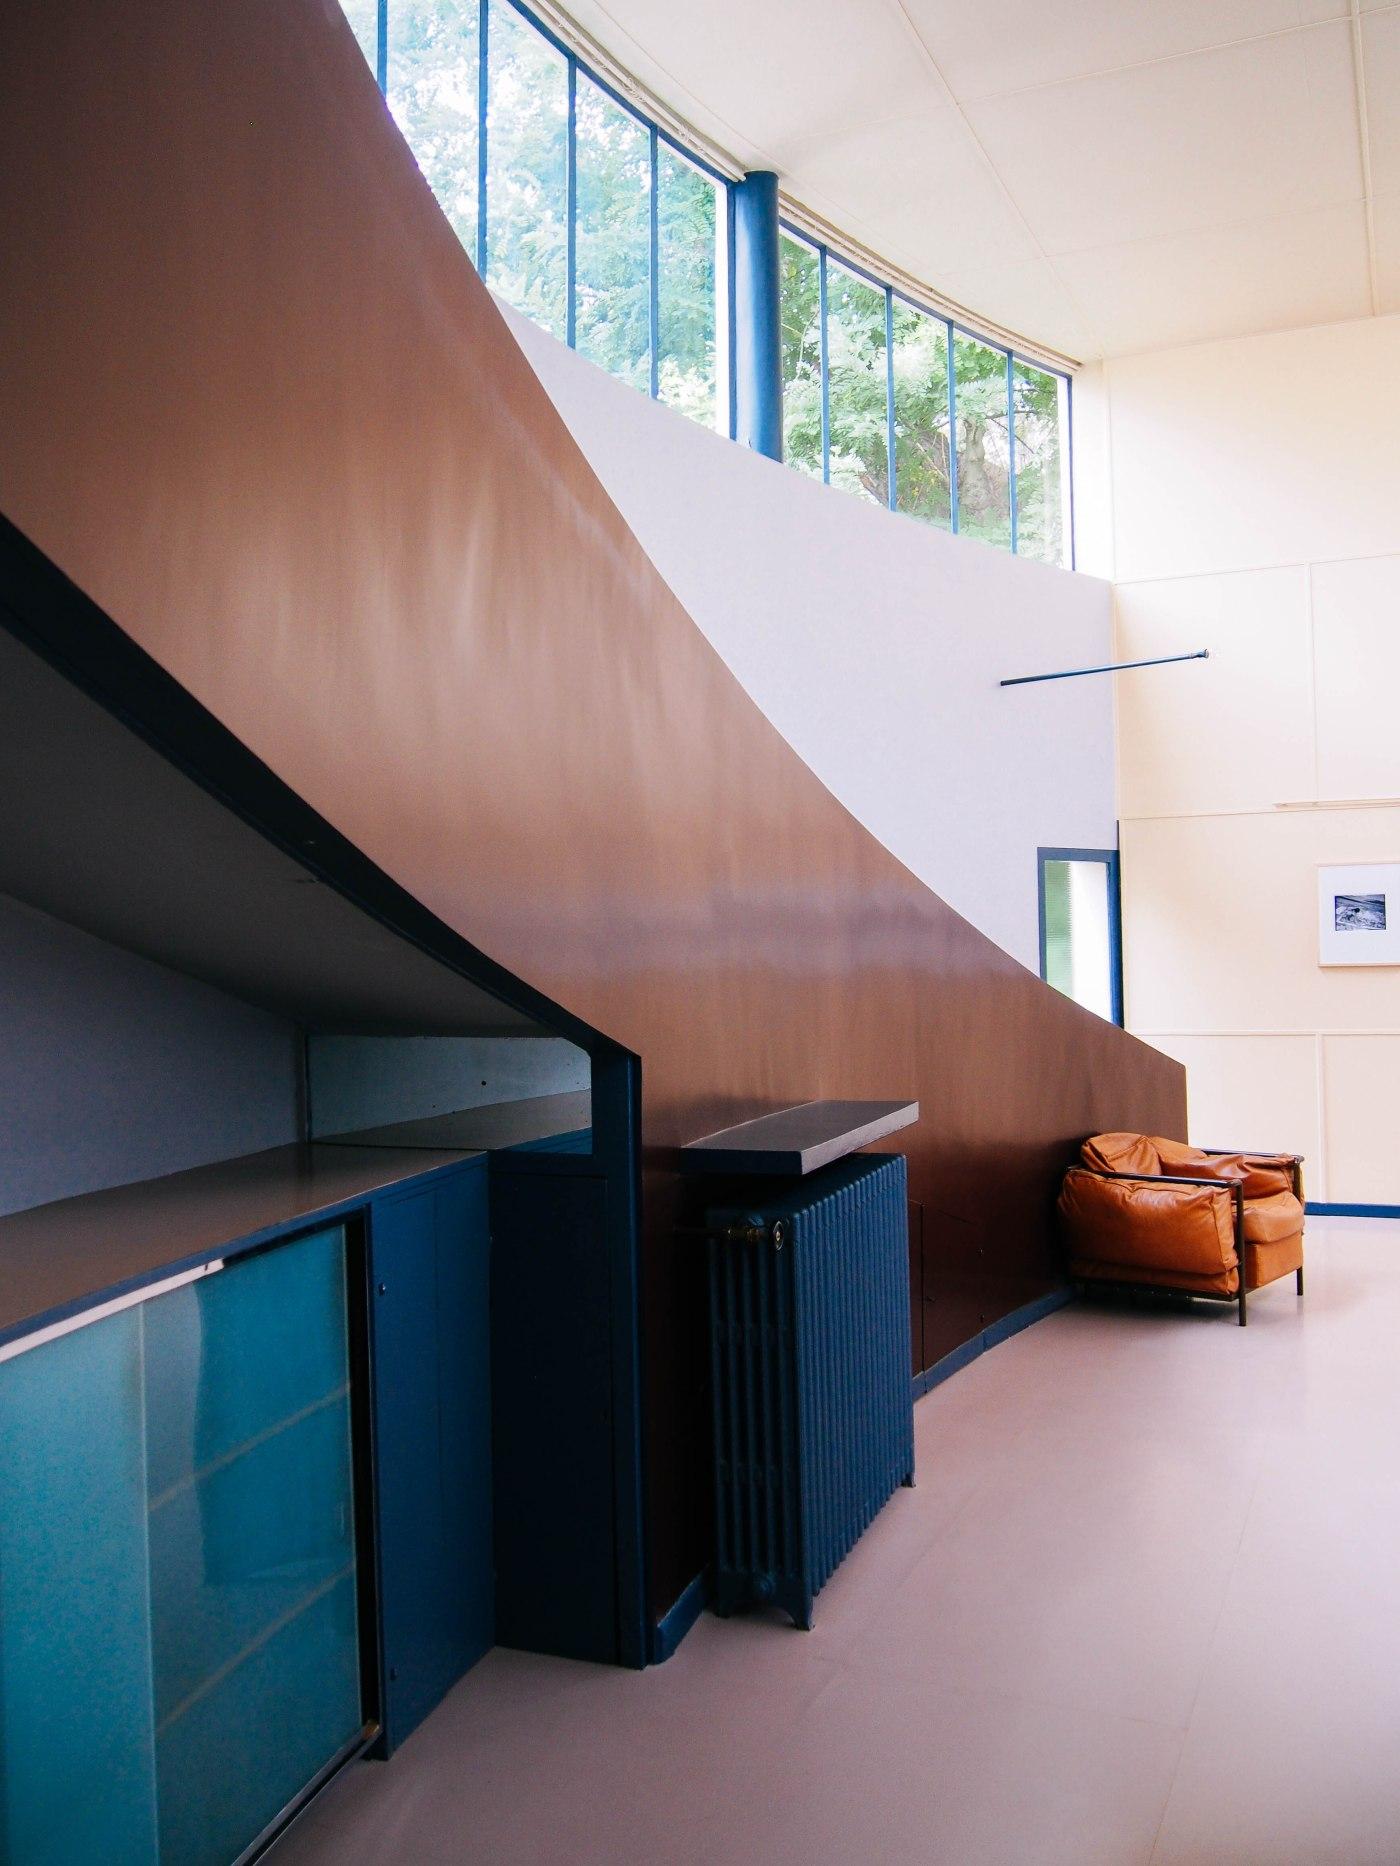 Maison La Roche Corbusier Paris paris: maison la roche